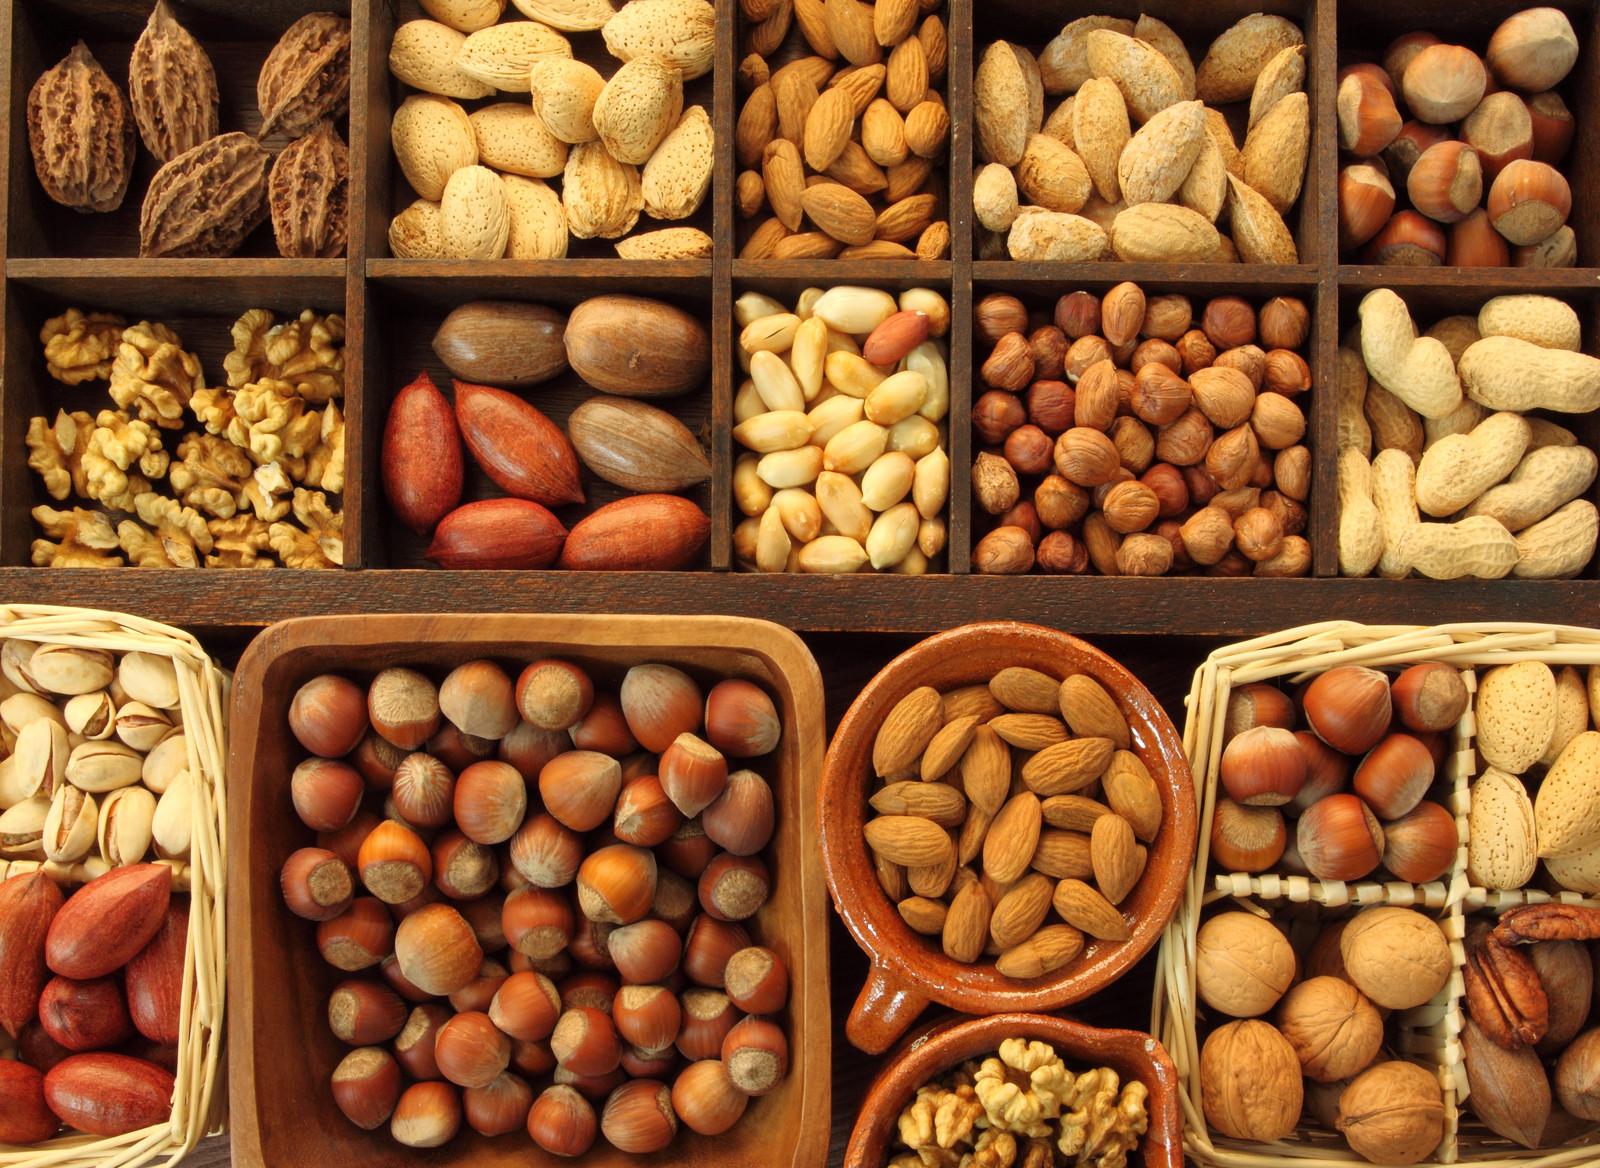 Орехи для потенции у мужчин бывают разных видов, грецкие, мускатный, однако какие орехи помогут без вреда повысить